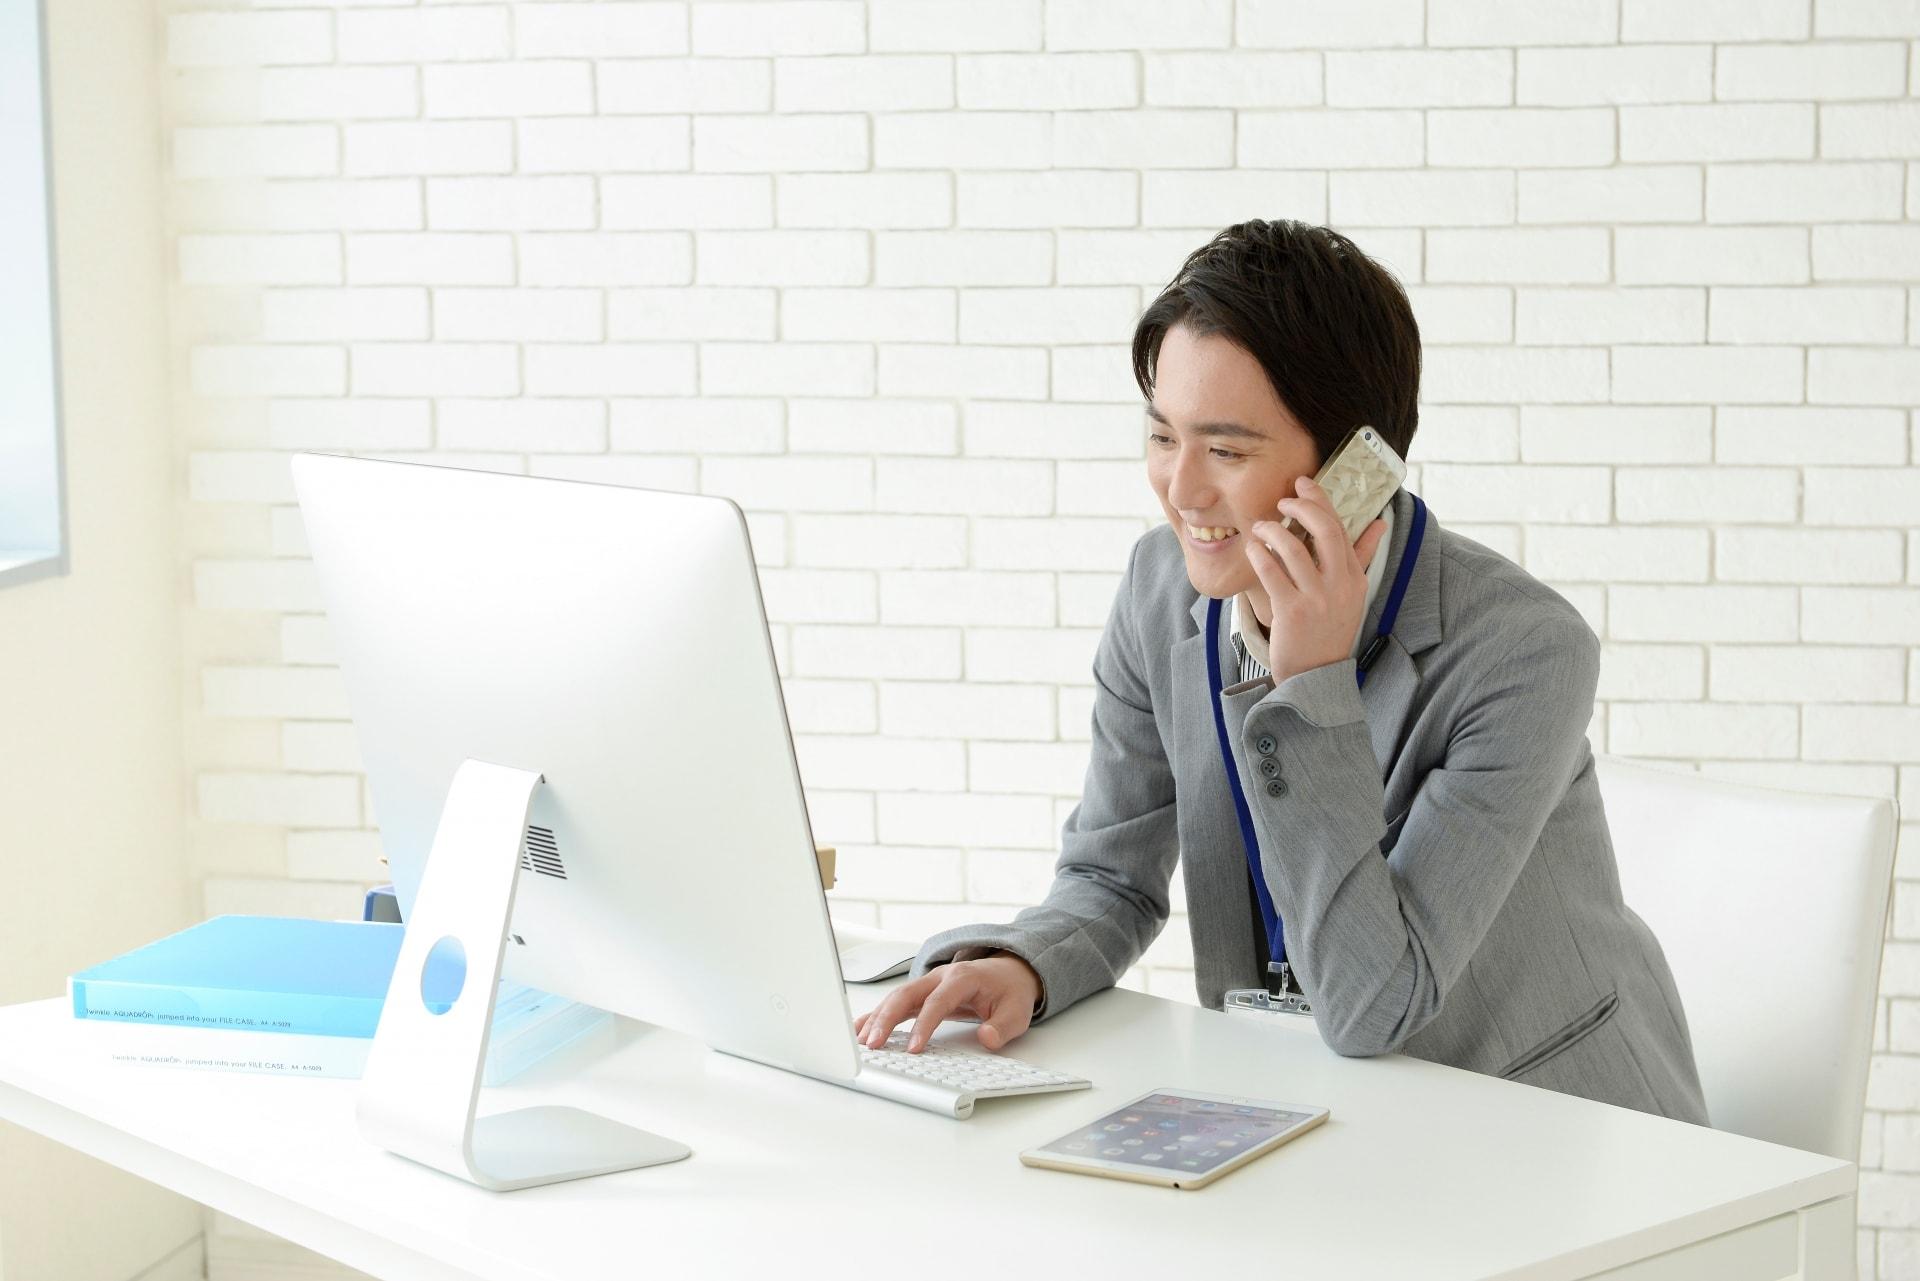 【海外旅行保険】海外旅行保険はインターネットがお得!